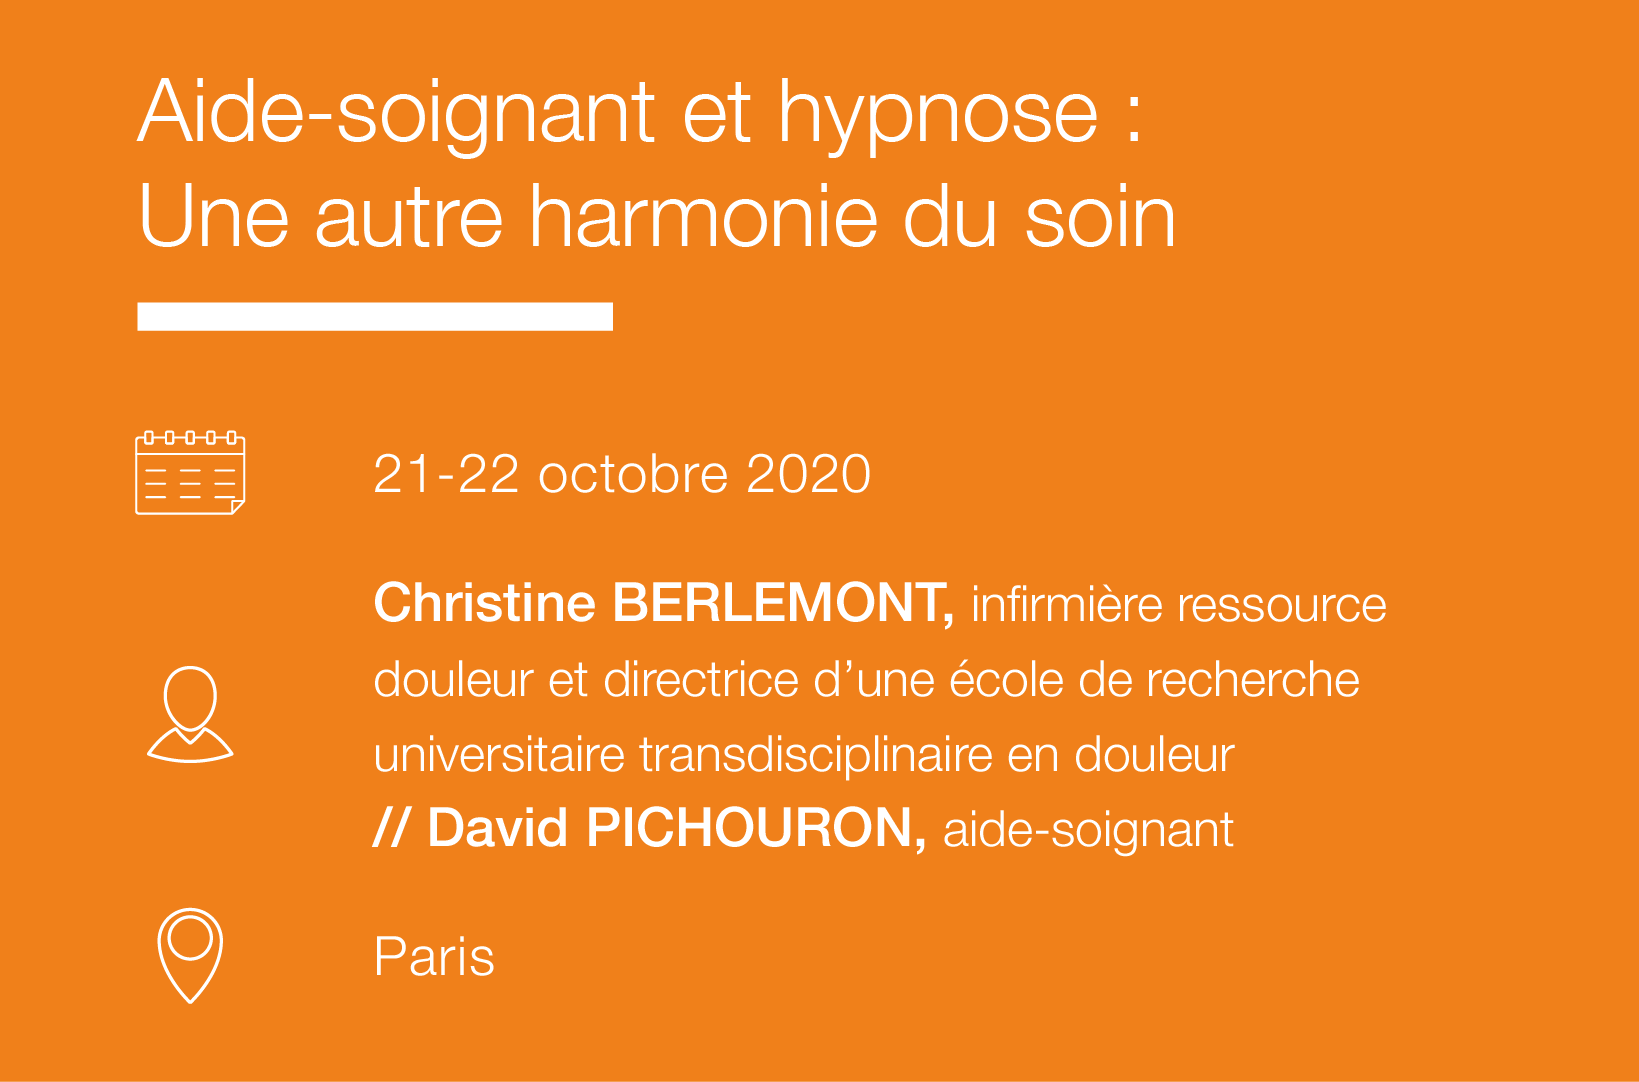 Seminaire Aide-soignant et hypnose - une autre harmonie du soin IFH